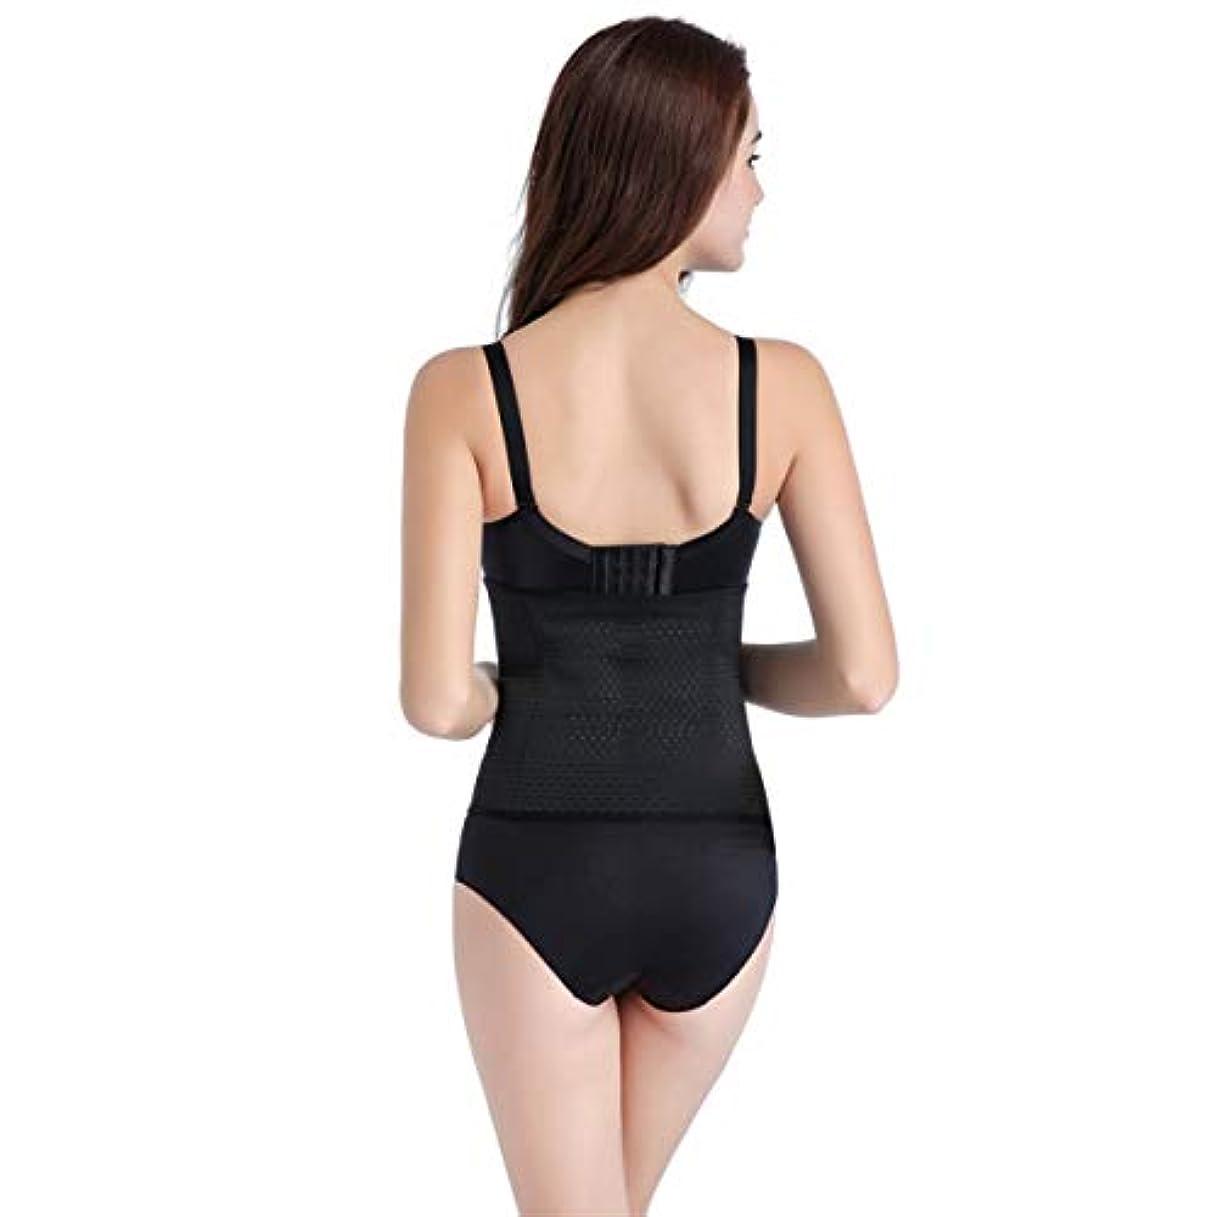 再現するサンダース歌手Body Beauty Trainer Hollow Out Postpartum Abdomen Slimming Belly Body Shaper Breathable Sweet Sweat Corset Waist...